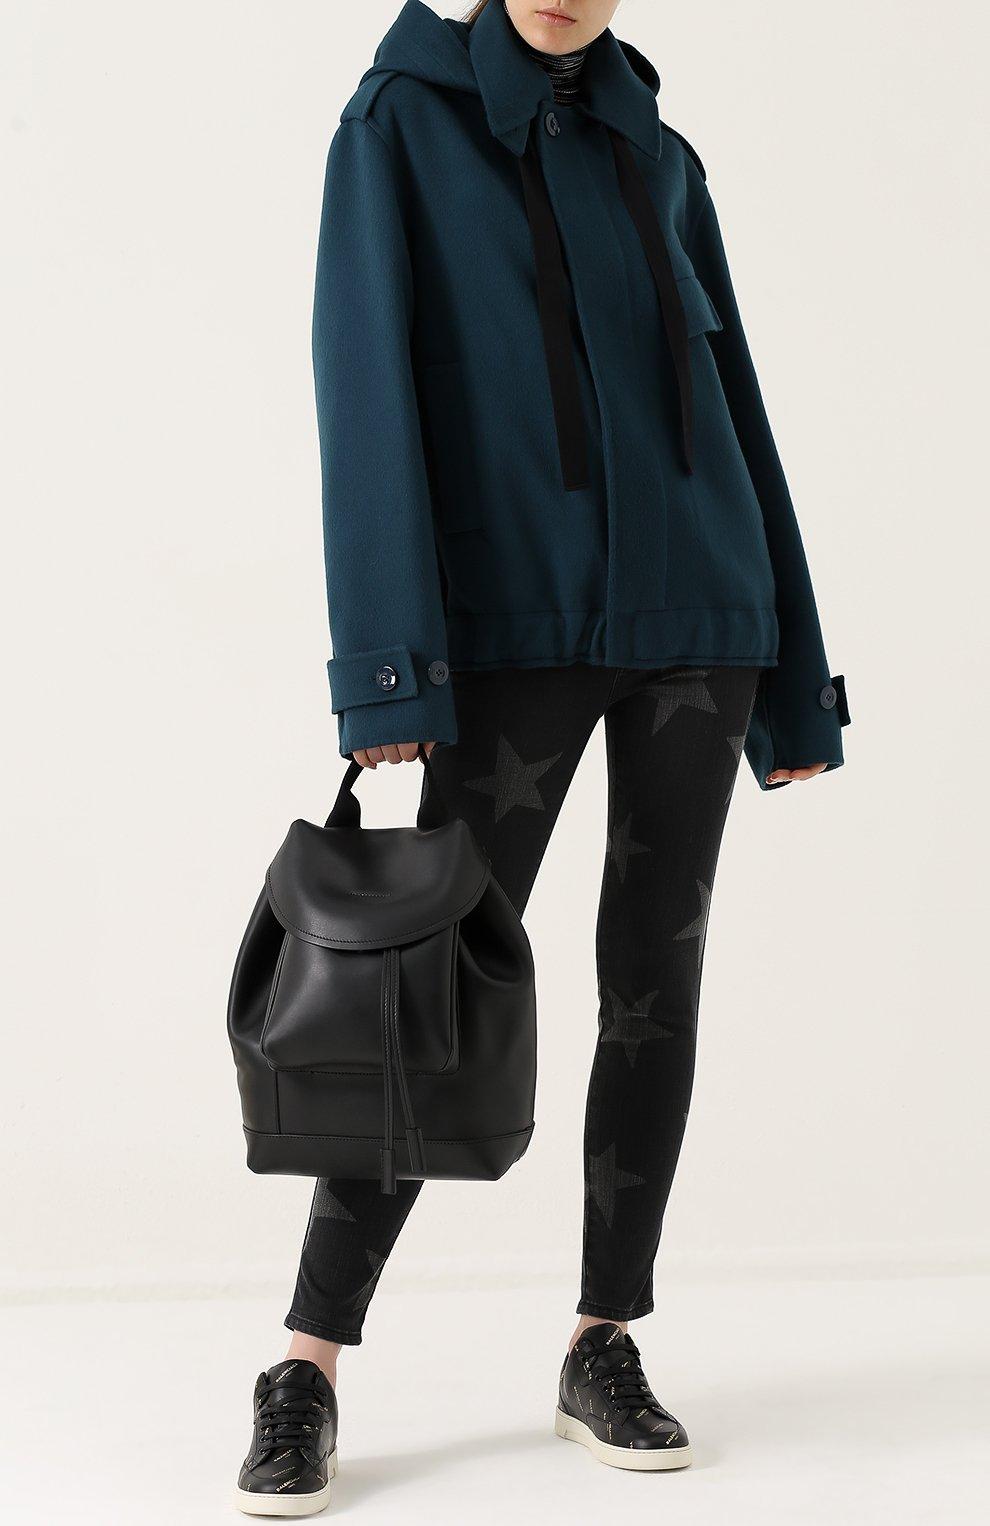 Рюкзак Kit из кожи | Фото №2